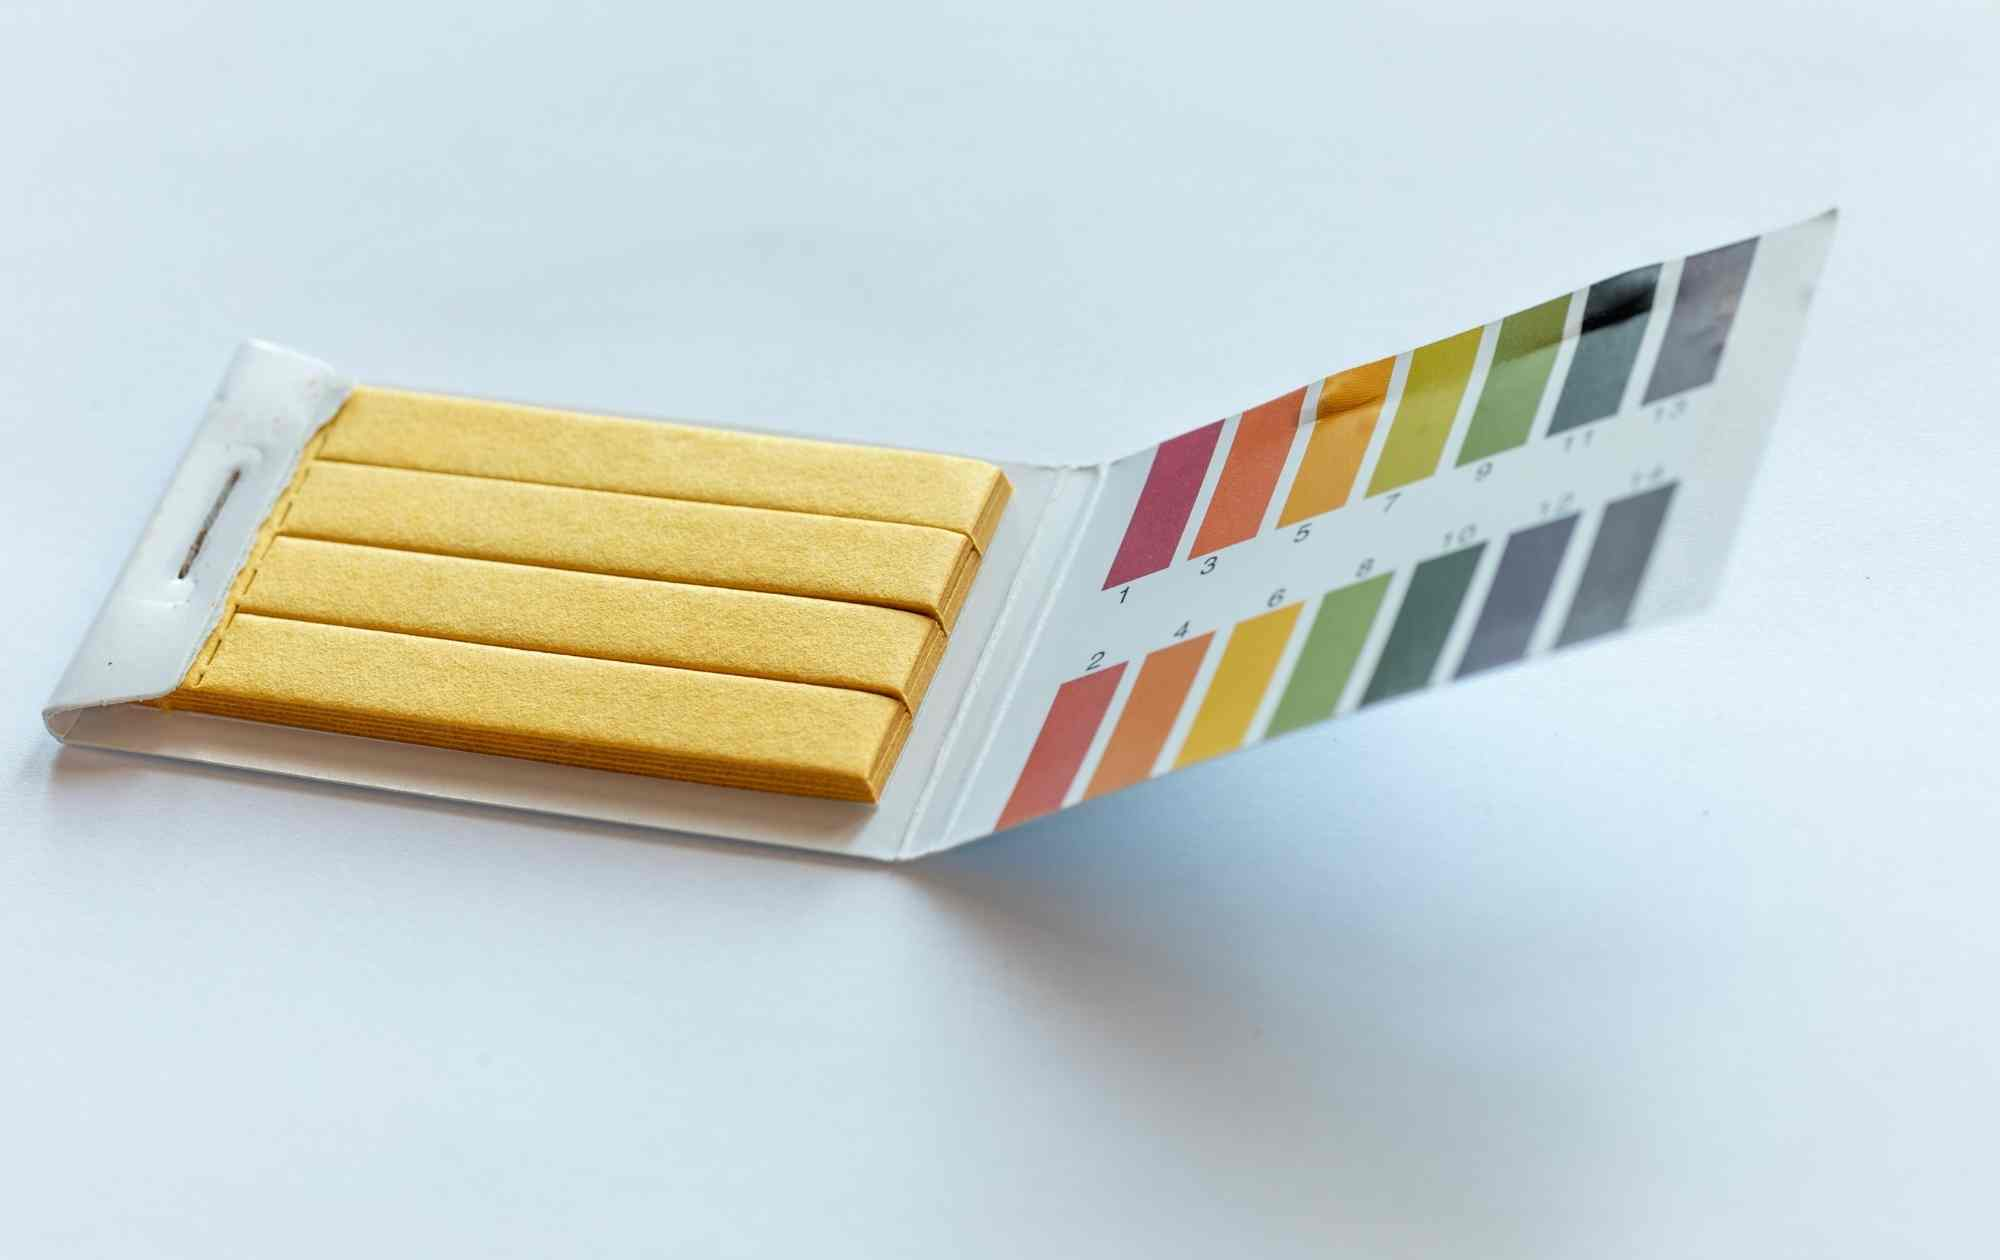 pH testing kit image